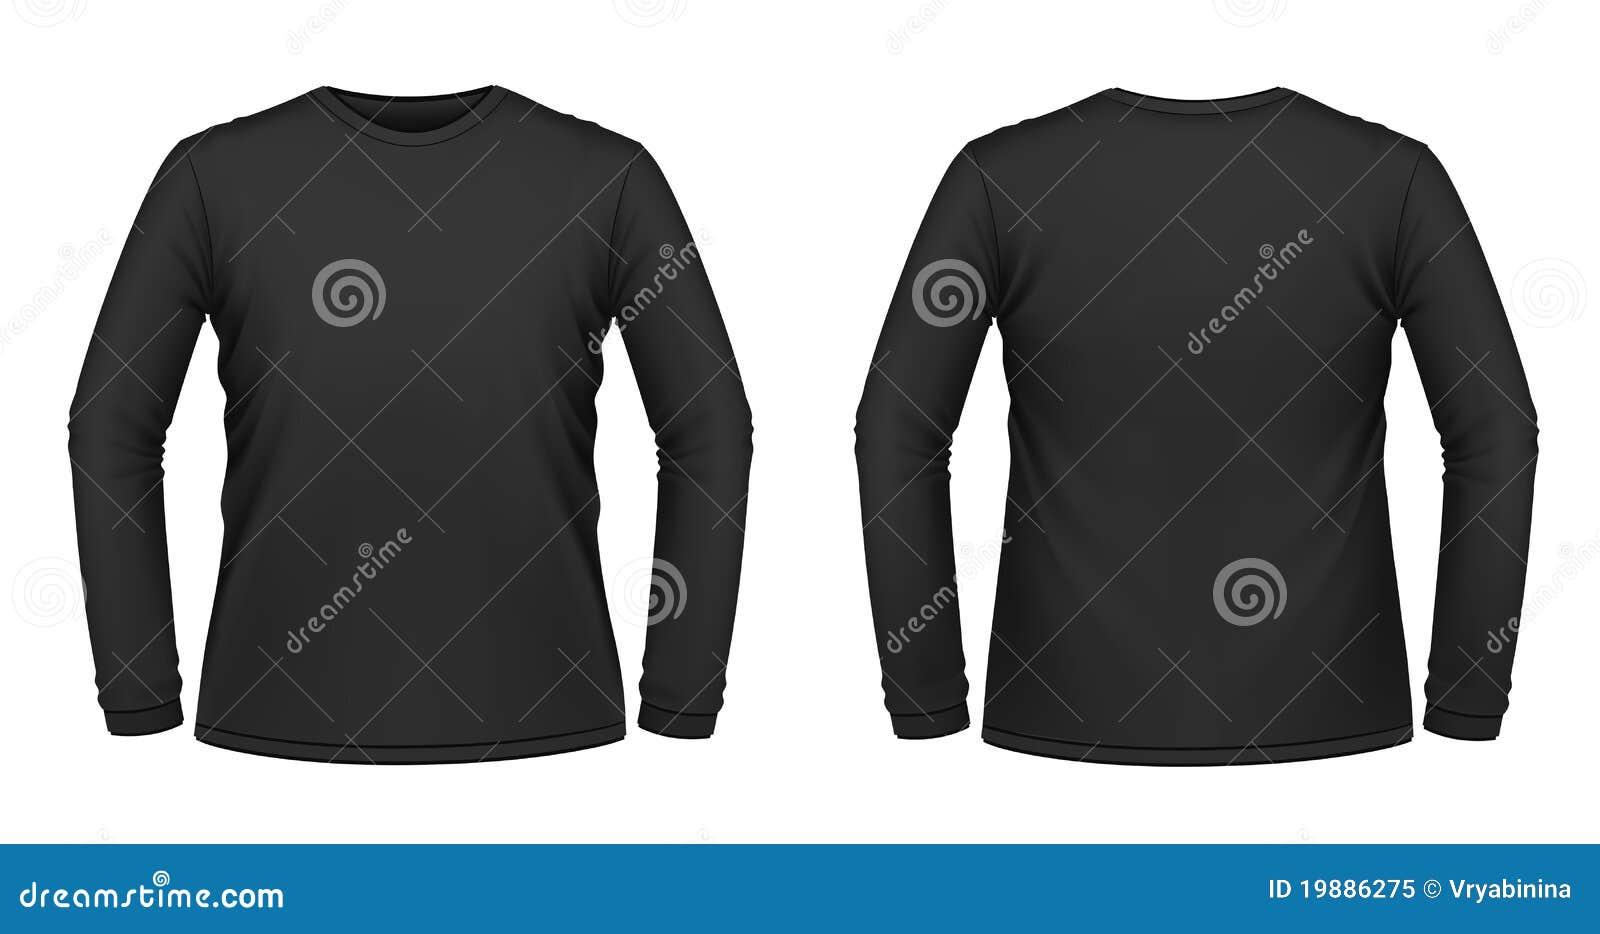 Black long sleeved t shirt stock illustration for Blank long sleeve shirt